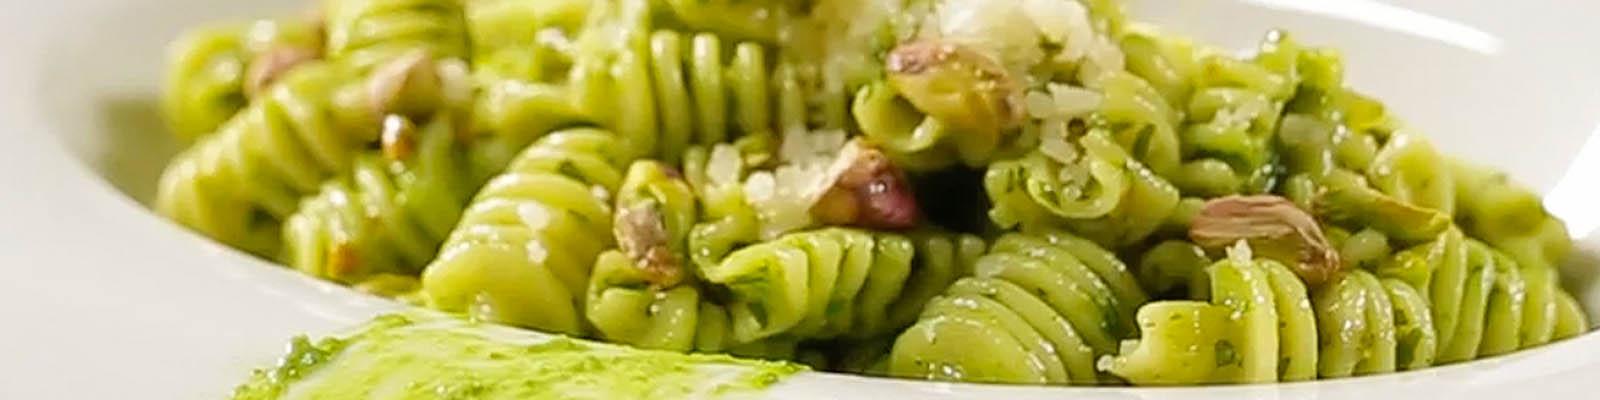 Pasta Garofalo - Radiatori com pesto de rúcula e pistácio